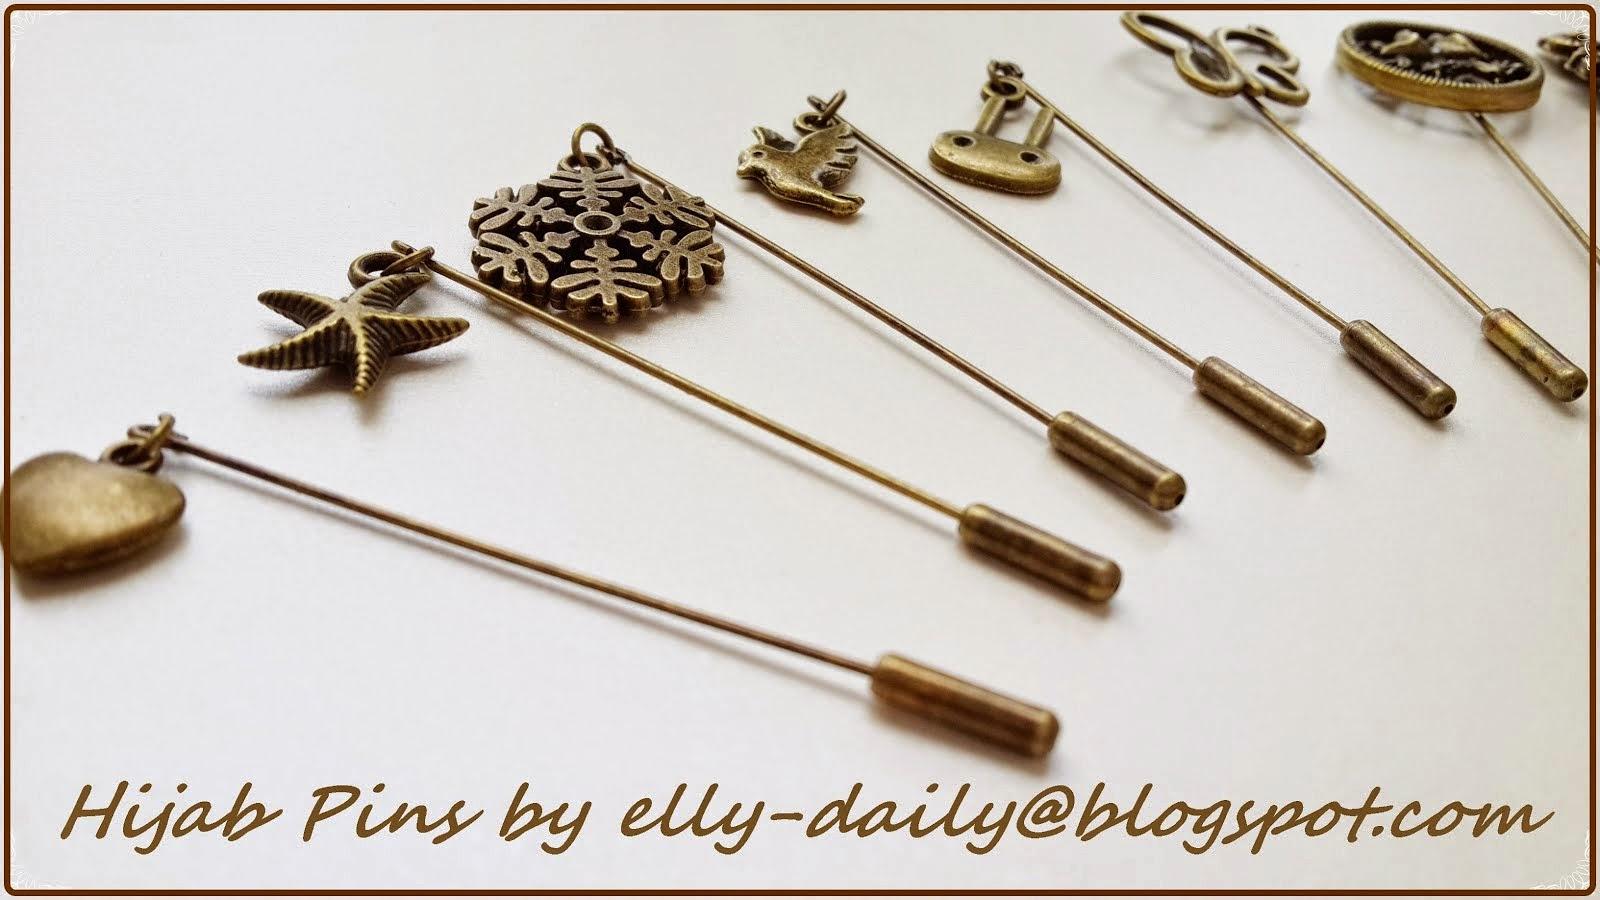 http://elly-daily.blogspot.com/p/sekarang-ni-ramai-yang-mula-pakai-hijab.html